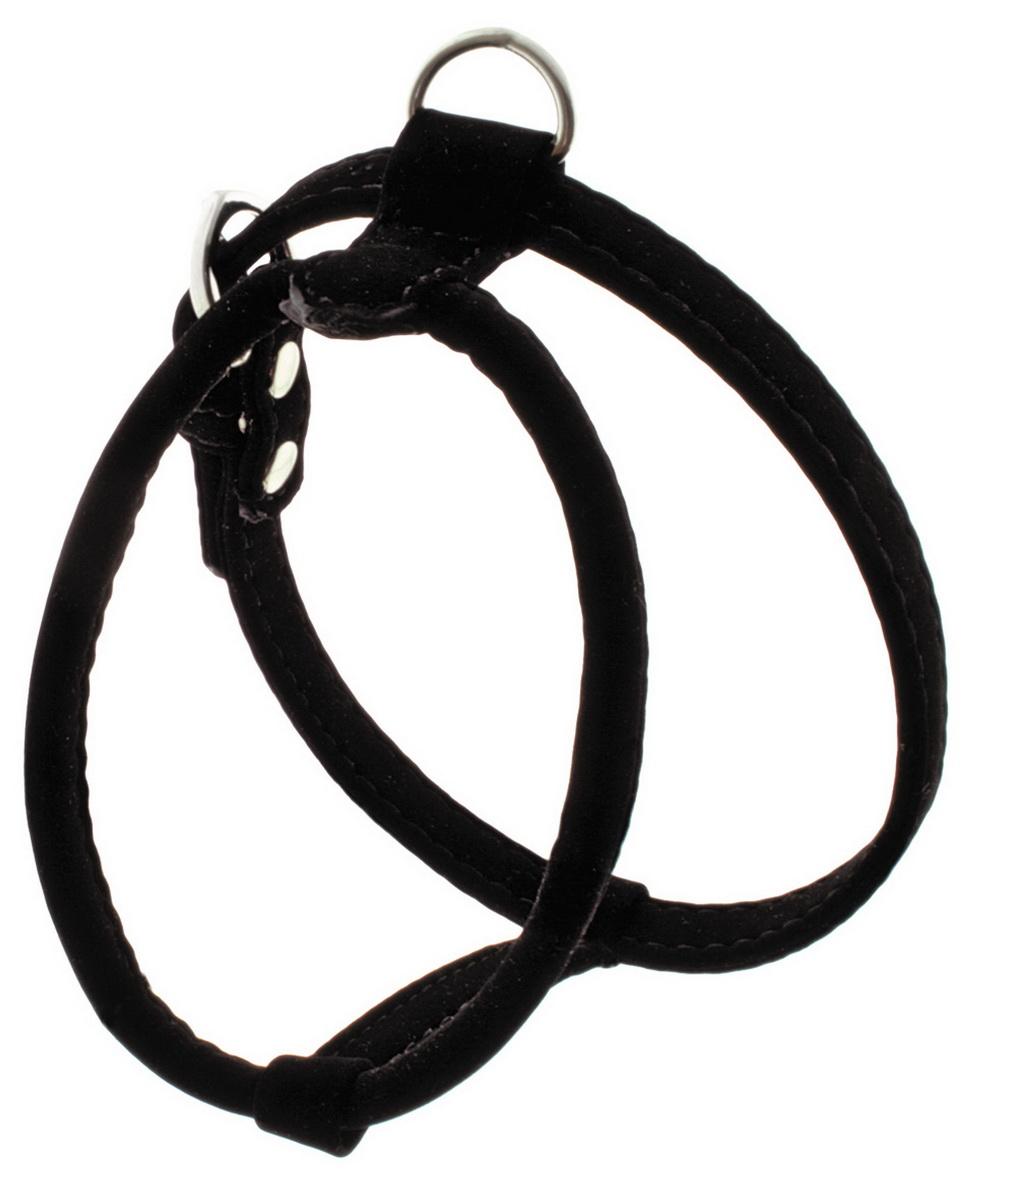 Шлейка для собак Dezzie, цвет: черный, ширина 1,5 см, обхват шеи 30 см, обхват груди 33-38 см. Размер M. 562400807063Шлейка Dezzie изготовлена из бархата и подходит для собак мелких пород. Крепкие металлические элементы делают ее надежной и долговечной. Шлейка - это альтернатива ошейнику. Правильно подобранная шлейка не стесняет движения питомца, не натирает кожу, поэтому животное чувствует себя в ней уверенно и комфортно. Изделие отличается высоким качеством, удобством и универсальностью. Имеется металлическое кольцо для крепления поводка. Размер регулируется при помощи пряжек.Ширина шлейки: 1,5 см. Обхват шеи 30 см. Обхват груди: 33-38 см.